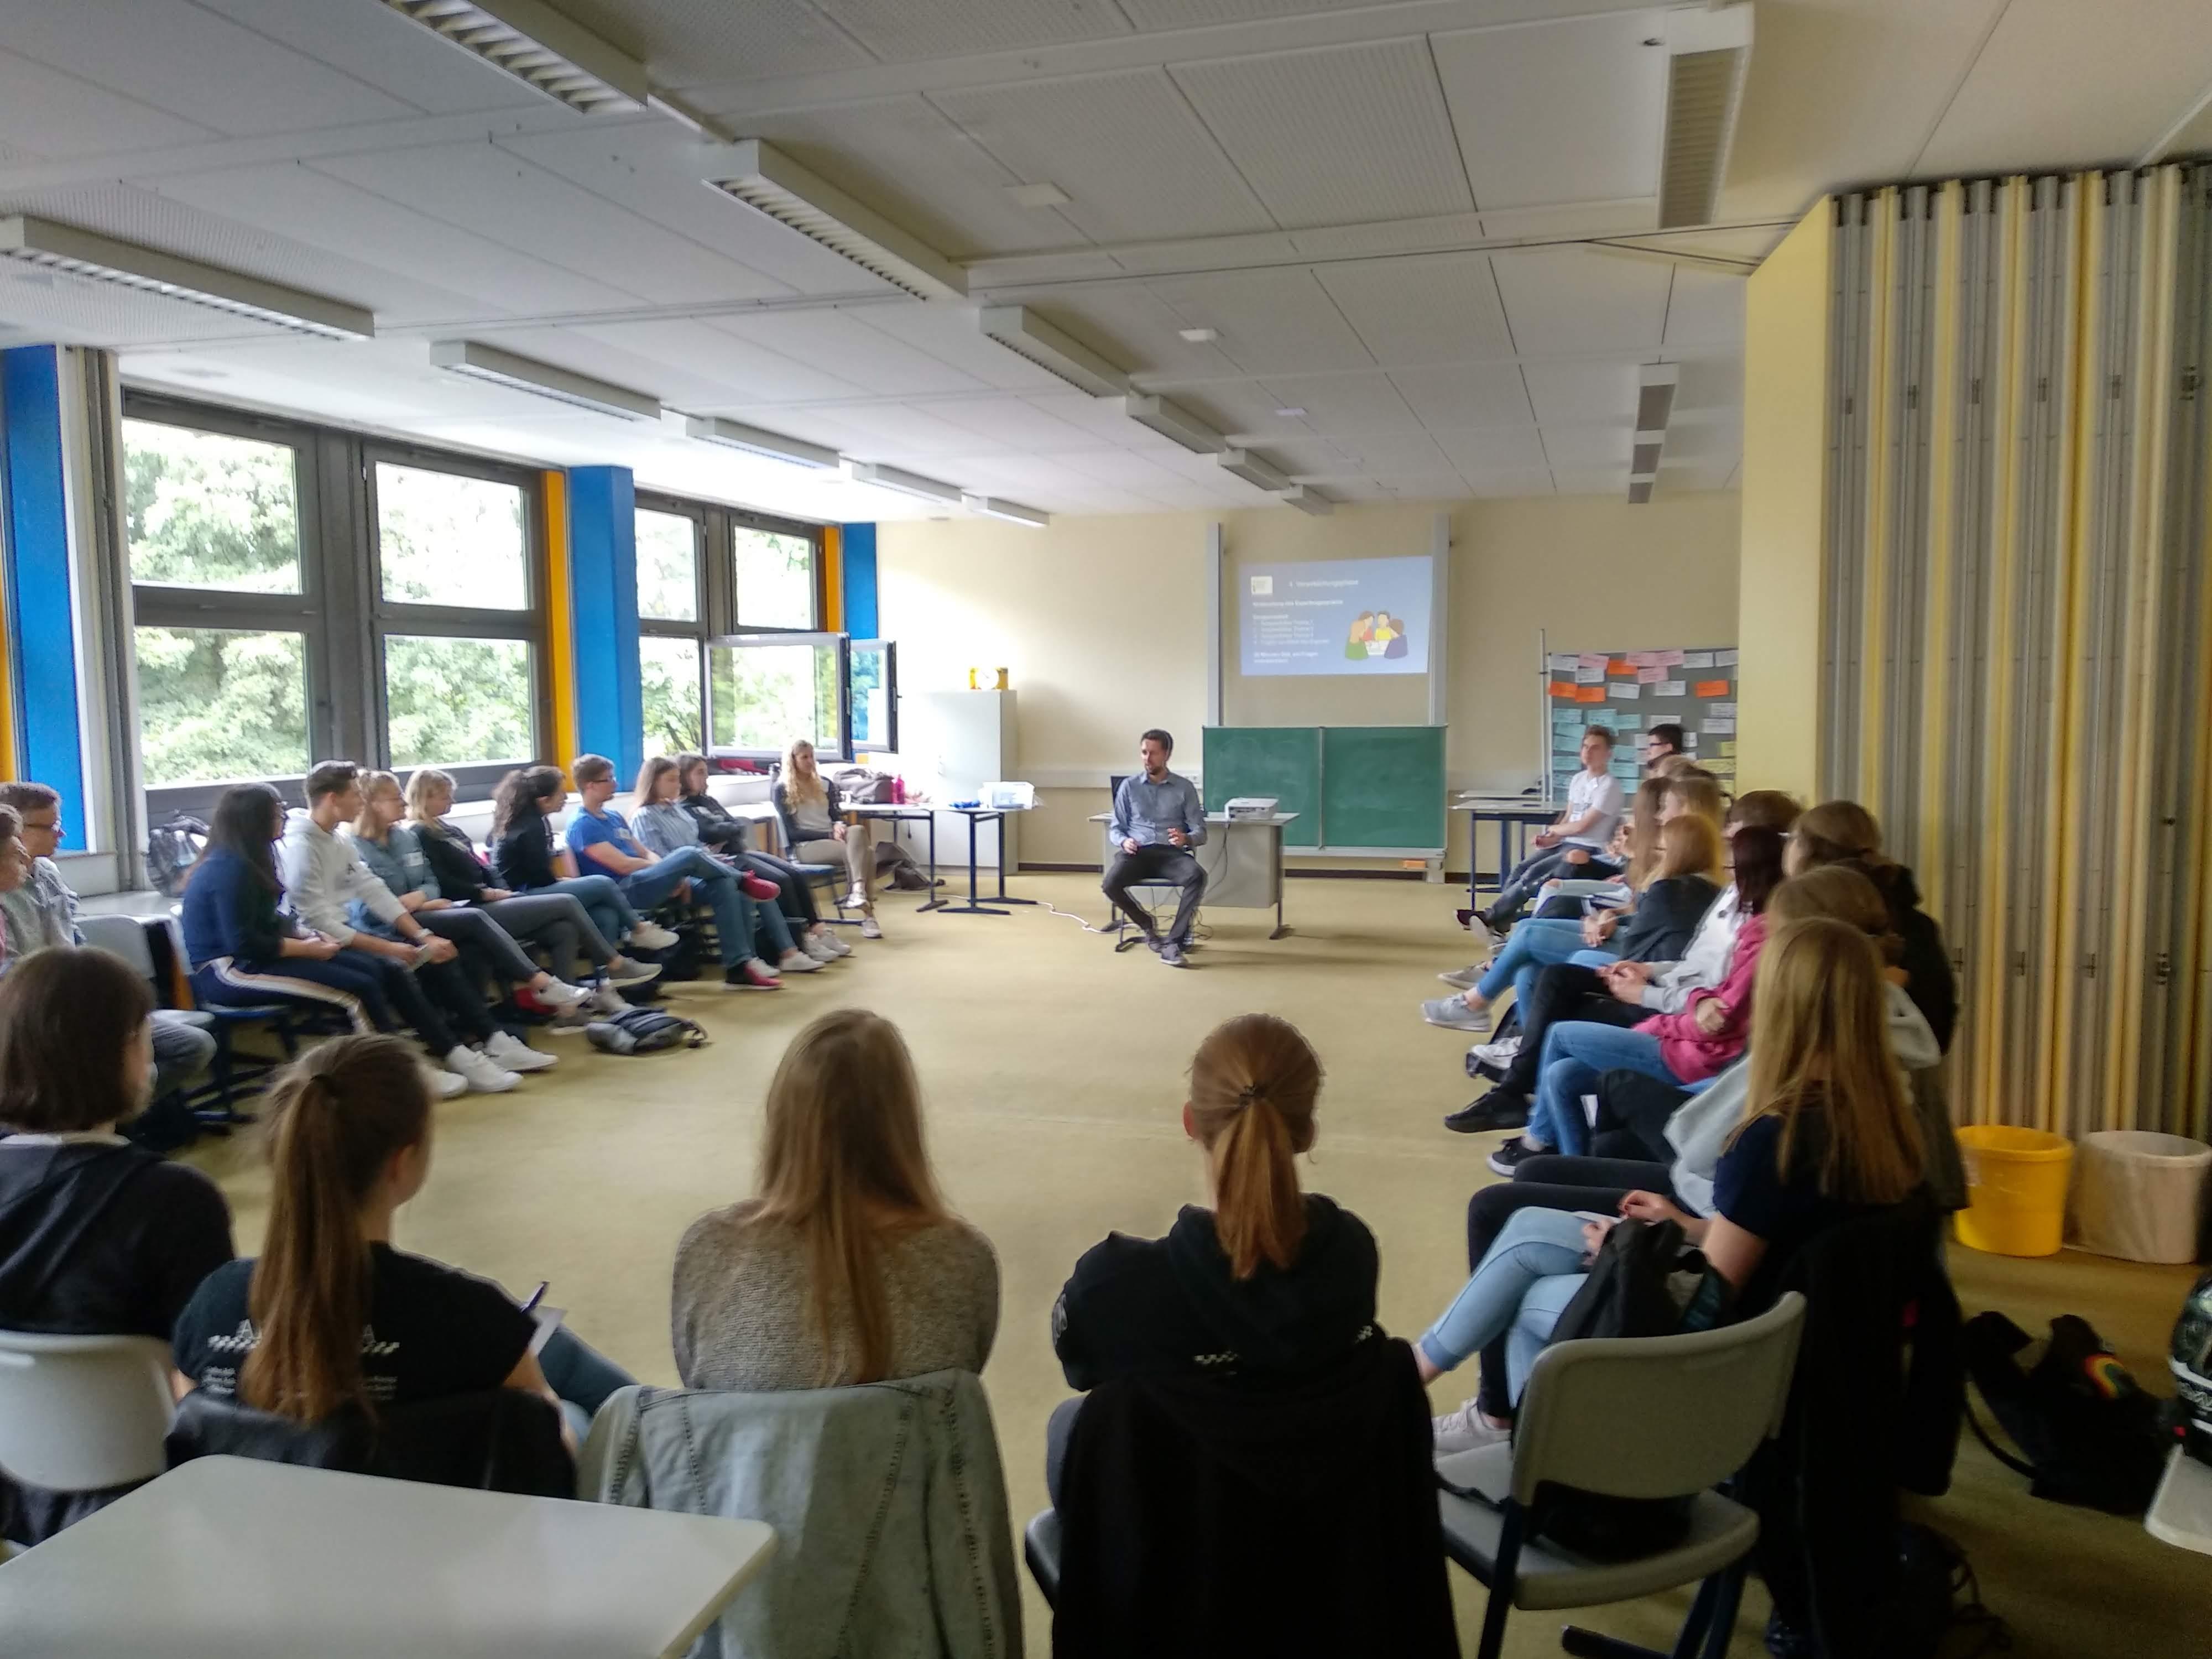 Martin Mödder umringt von den wissbegierigen Schüler_innen des Anne-Frank Gymnasiums Werne. (Zukunftswerkstatt für Jugendliche in Werne, 09.07.2019.)